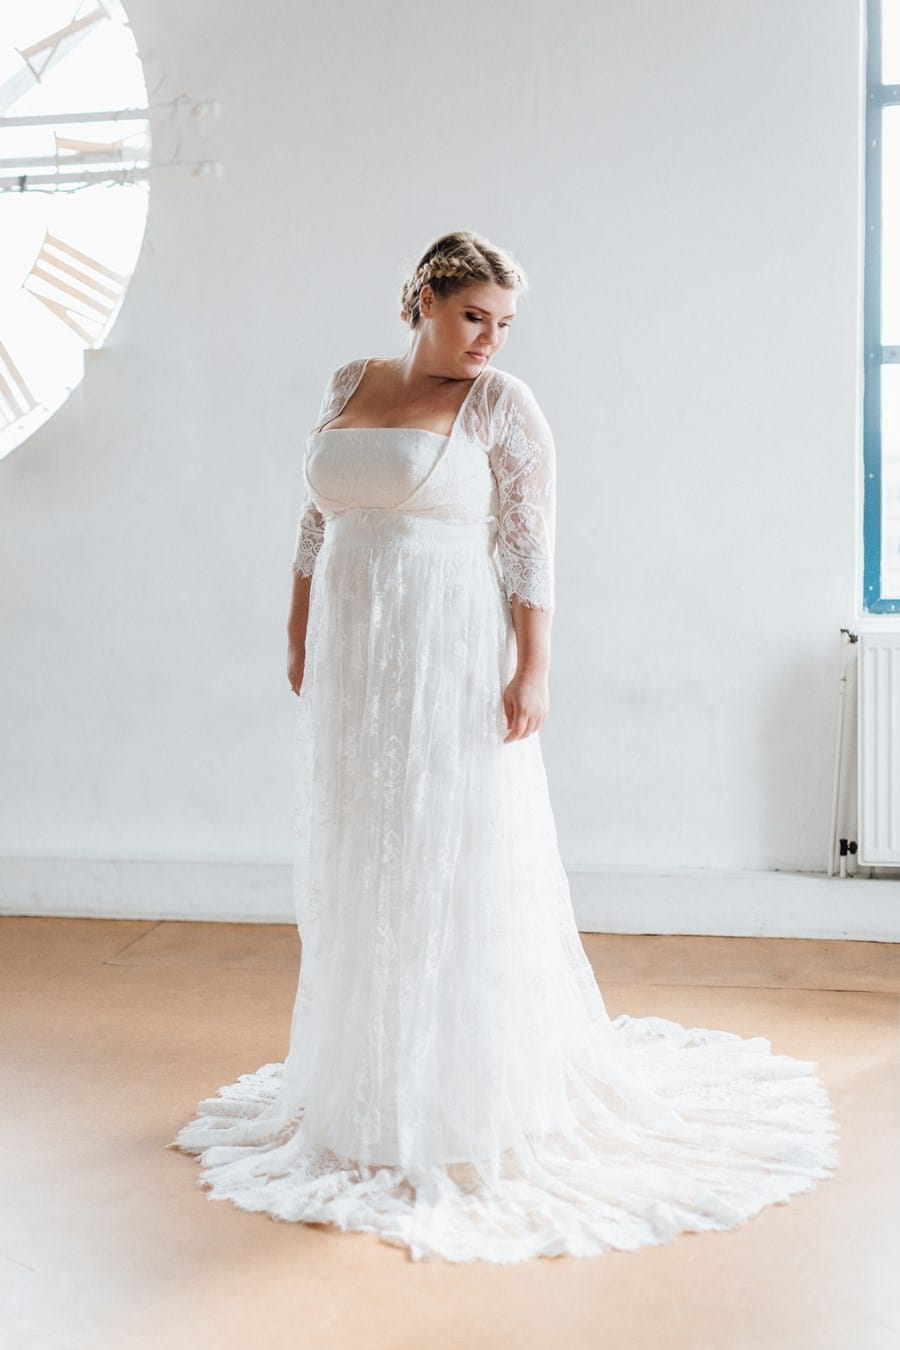 Brautkleider in großen Größen - sexy in 11 bis 11